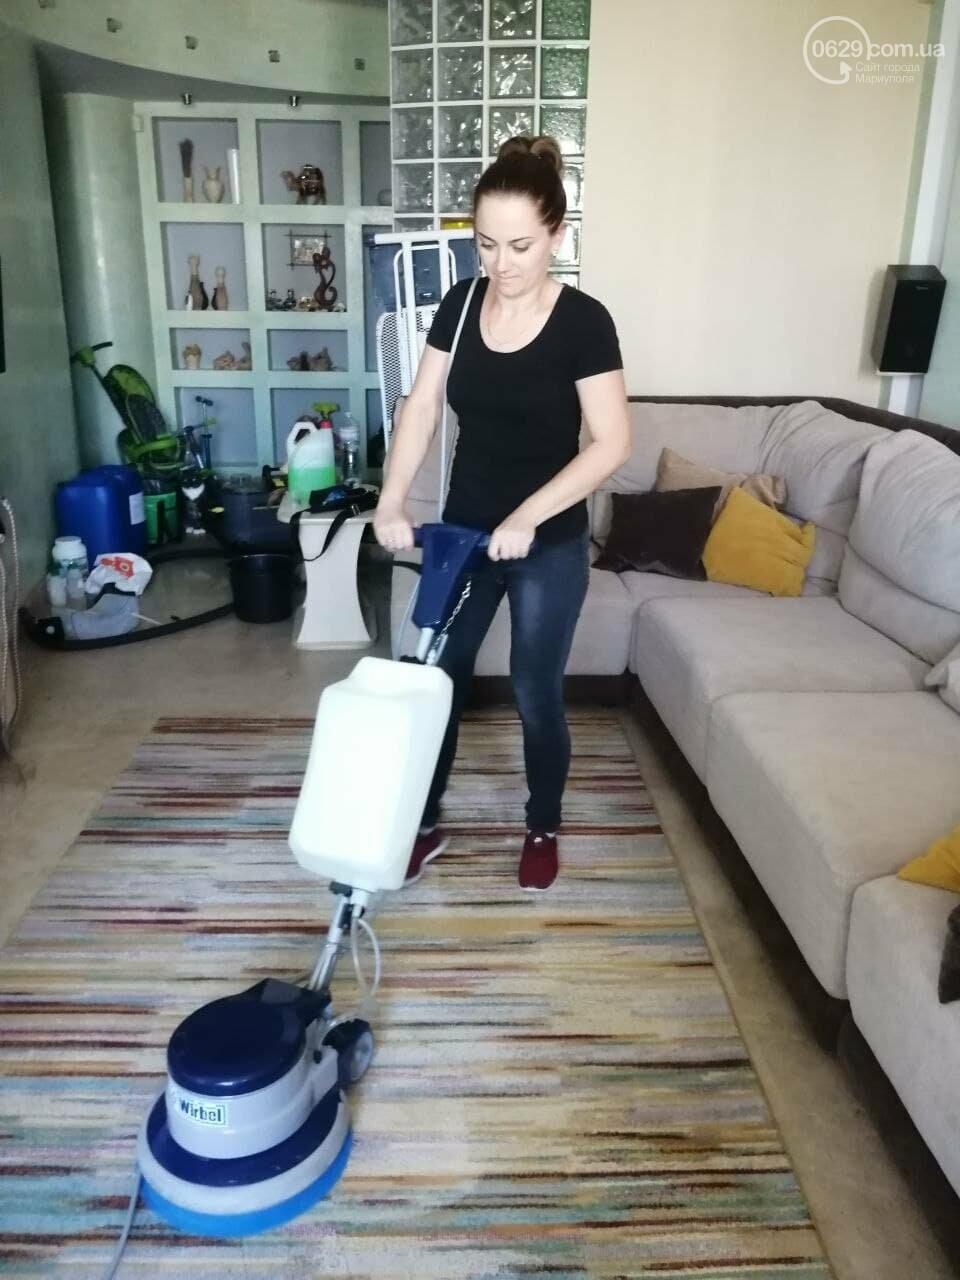 Мойка окон и уборка квартиры в Киеве – где заказать услуги?, фото-2